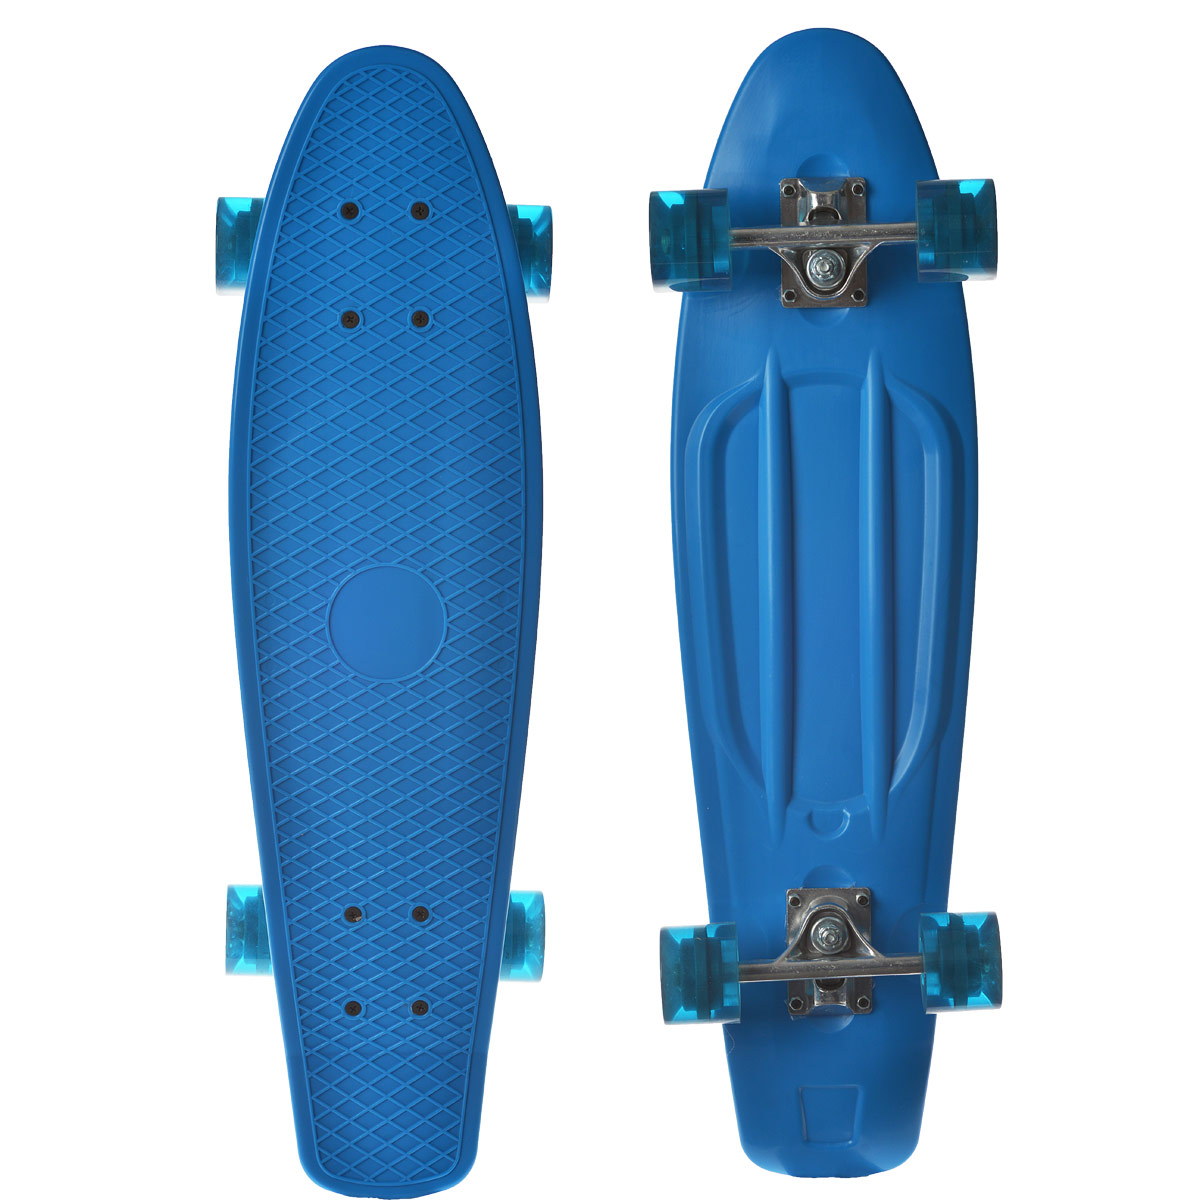 Скейтборд пластиковый Action, цвет: голубой, дека 71 см х 19 смPW-515Пенни борд Action - всеми любимый скейт с усиленной защитой. Эта простая модель без вычурных рисунков позволяет сосредоточиться исключительно на занятии спортом. Скейтборд купить можно подростку любого возраста или даже ребенку.Материал, из которого изготовлено изделие - усиленный пластик. Визуально верхняя часть изделия напоминает стопу. Антискользящая поверхность позволяет совершать любые трюки. Полиуретановые колеса помогут быстро набрать разгон и эффектно тормозить.